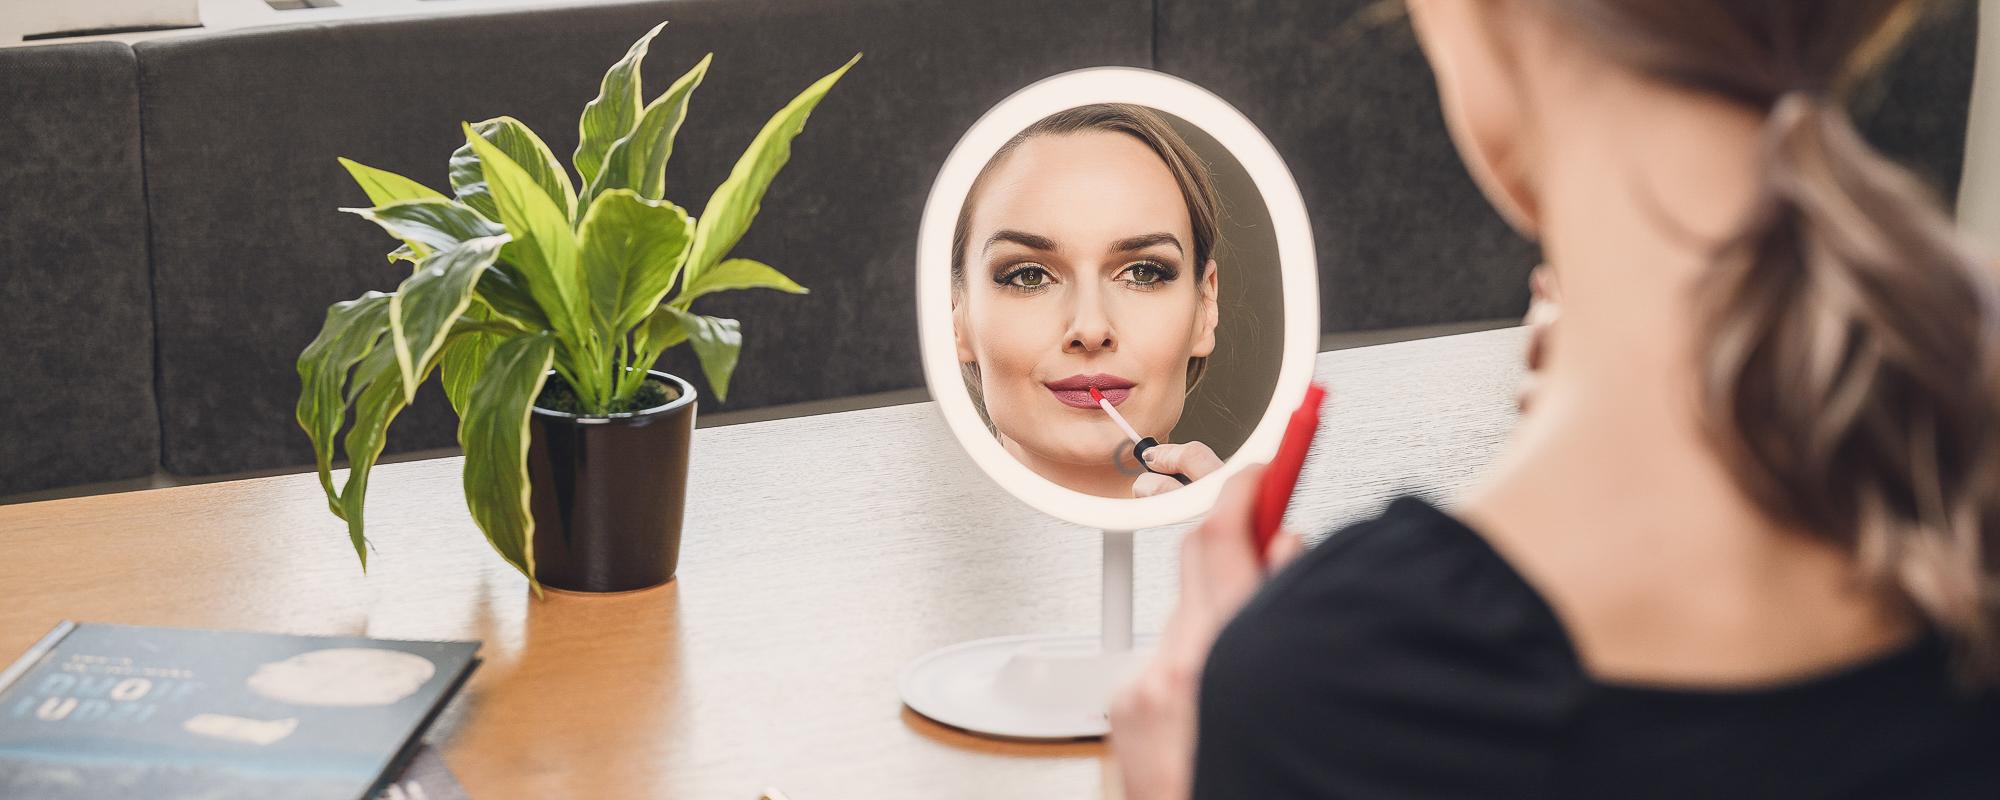 Młoda kobieta robi makijaż przed lusterkiem z oświetleniem LED